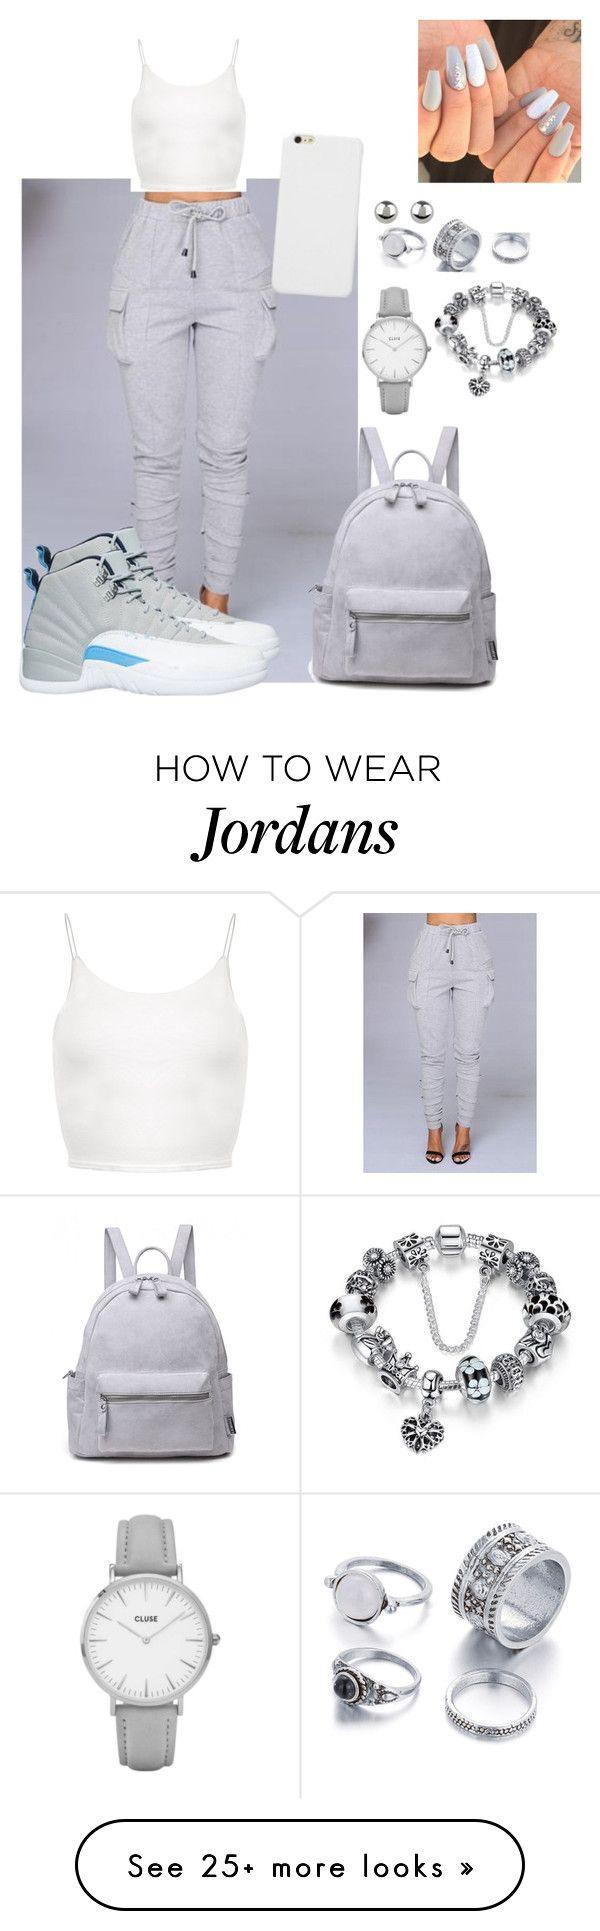 El pantalón gris camisa blanca Jordán rojas o blancas